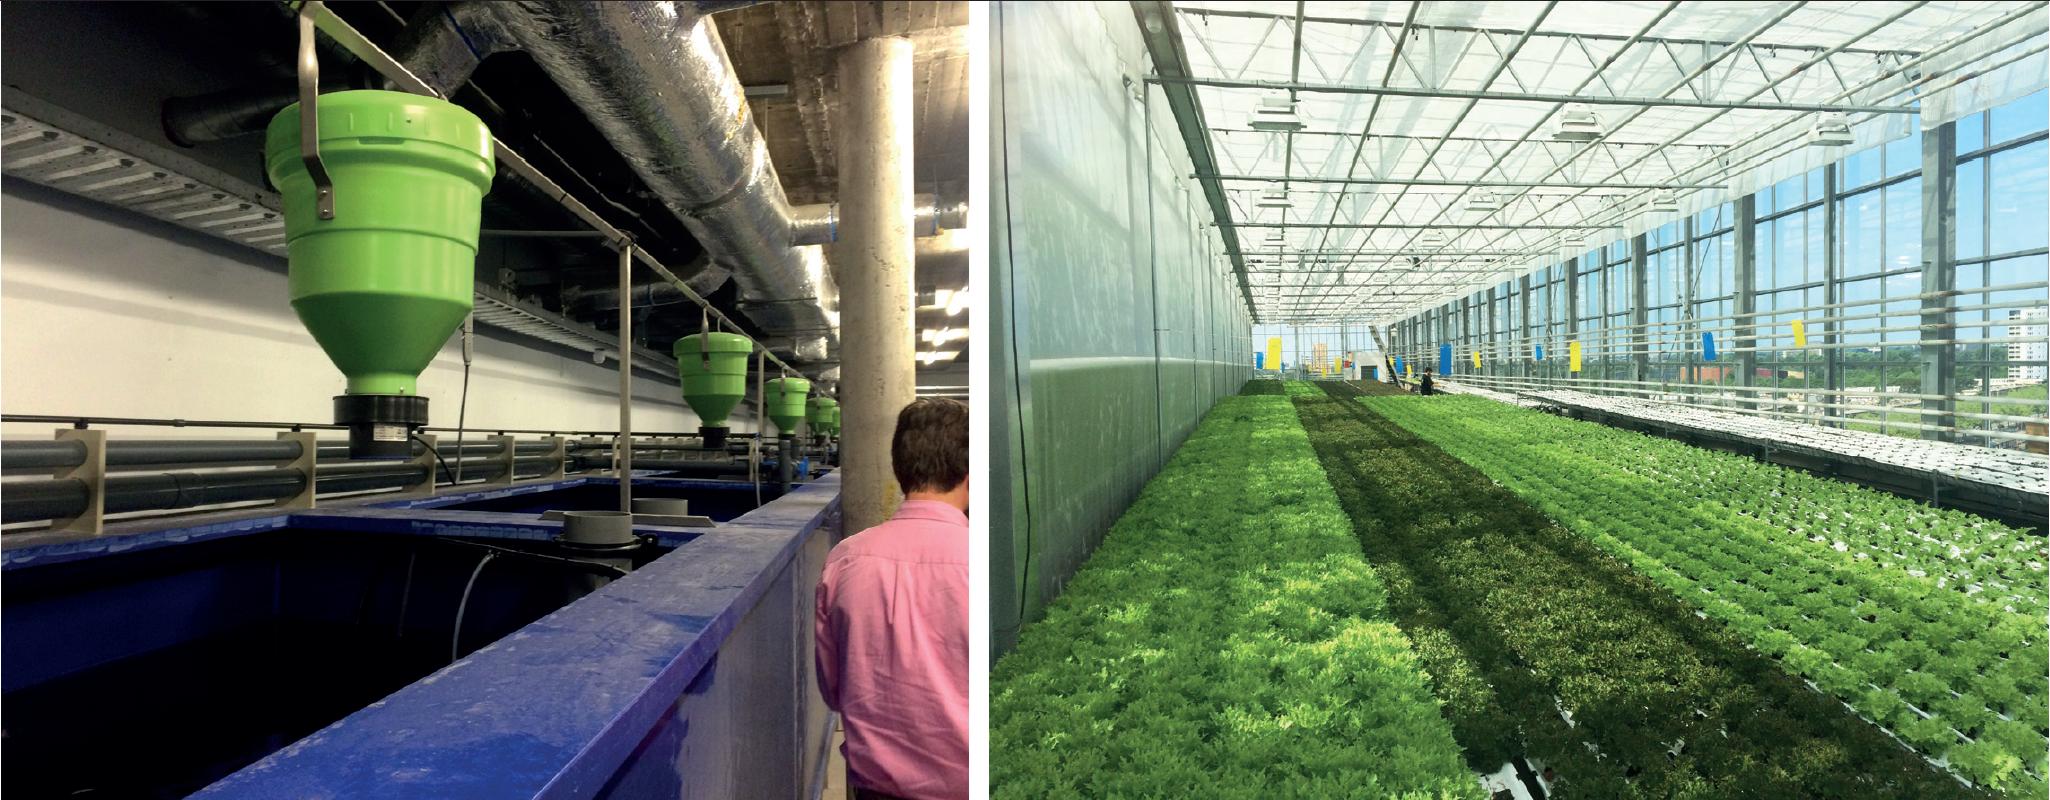 Alors que tomates et salades s'épanouissent sous les serres de la toiture, les poissons sont élevés juste en dessous, leurs déjections iront fertiliser les cultures. Urban Farmers. La Haye. Pays-Bas. 2017 - © Guillaume Morel-Chevillet